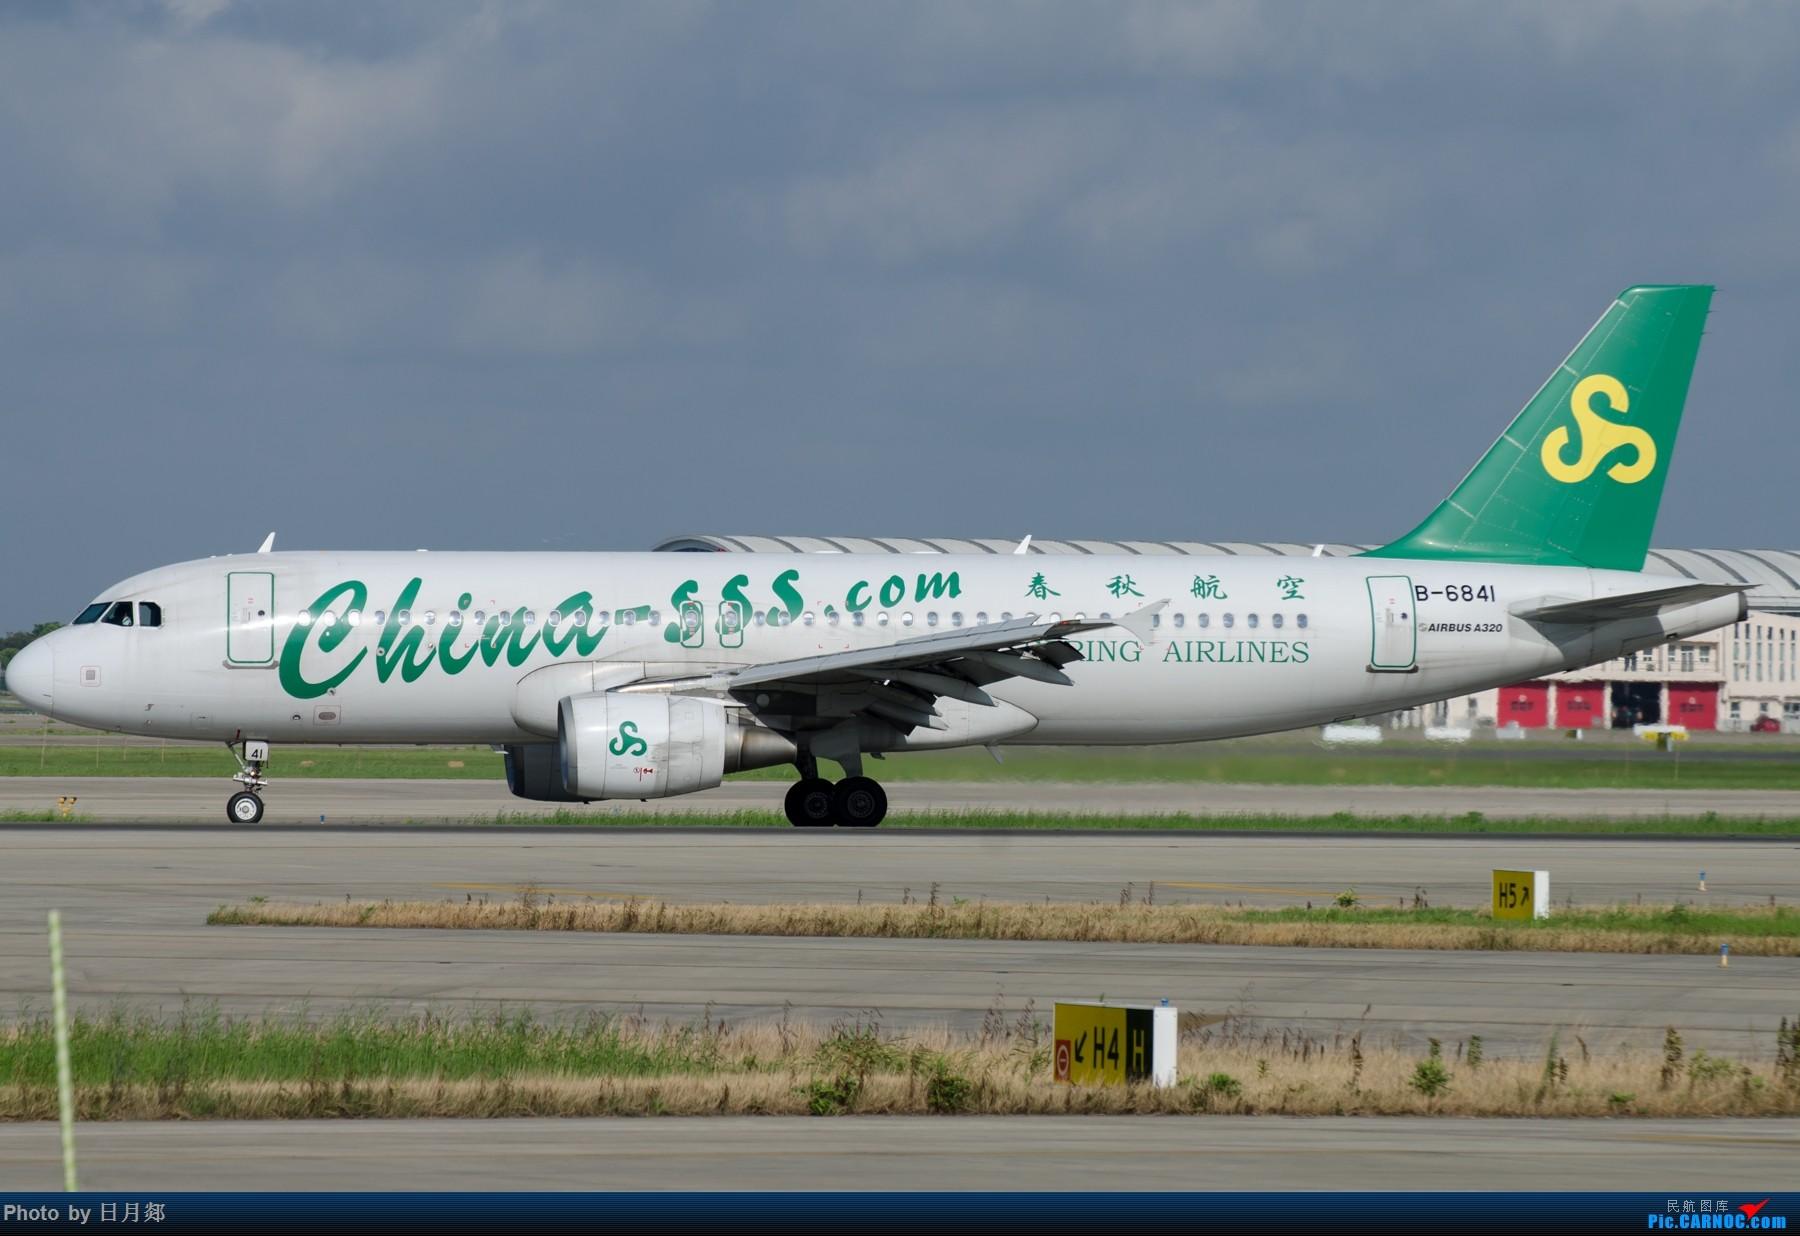 Re:[原创]一年起的最早的一次,PVG撒欢! AIRBUS A320-200 B-6841 中国上海浦东国际机场